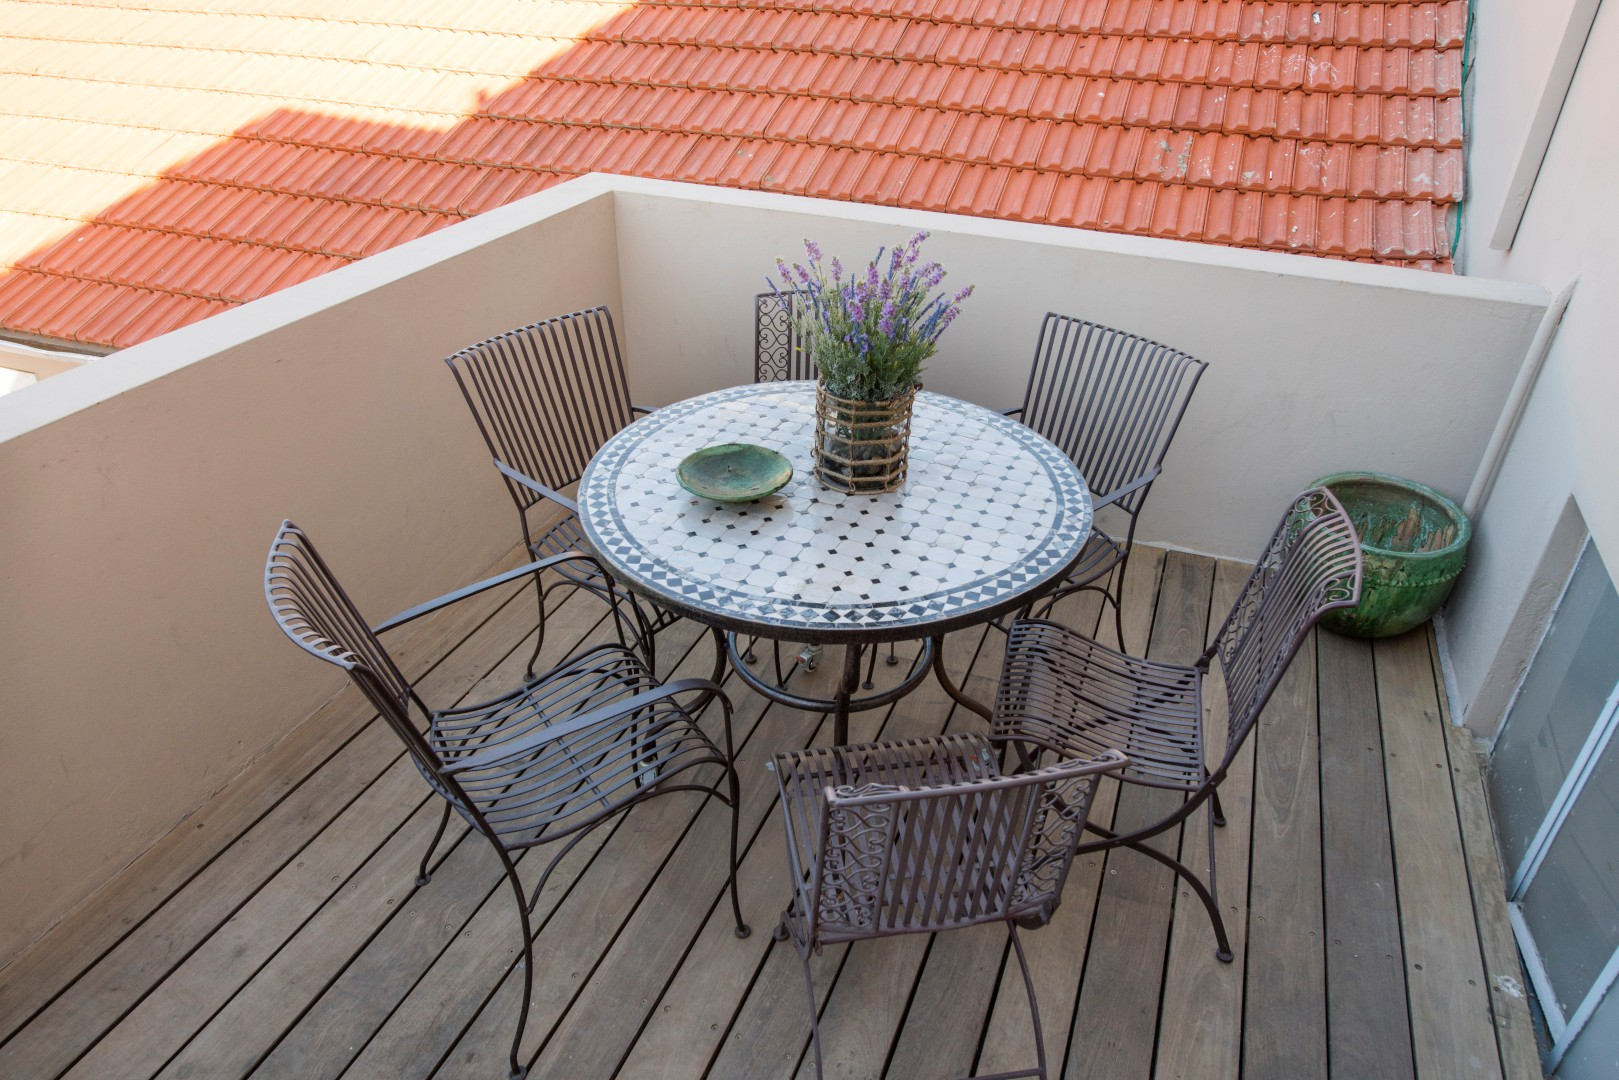 המרפסת (צילום: מנחם רייס)